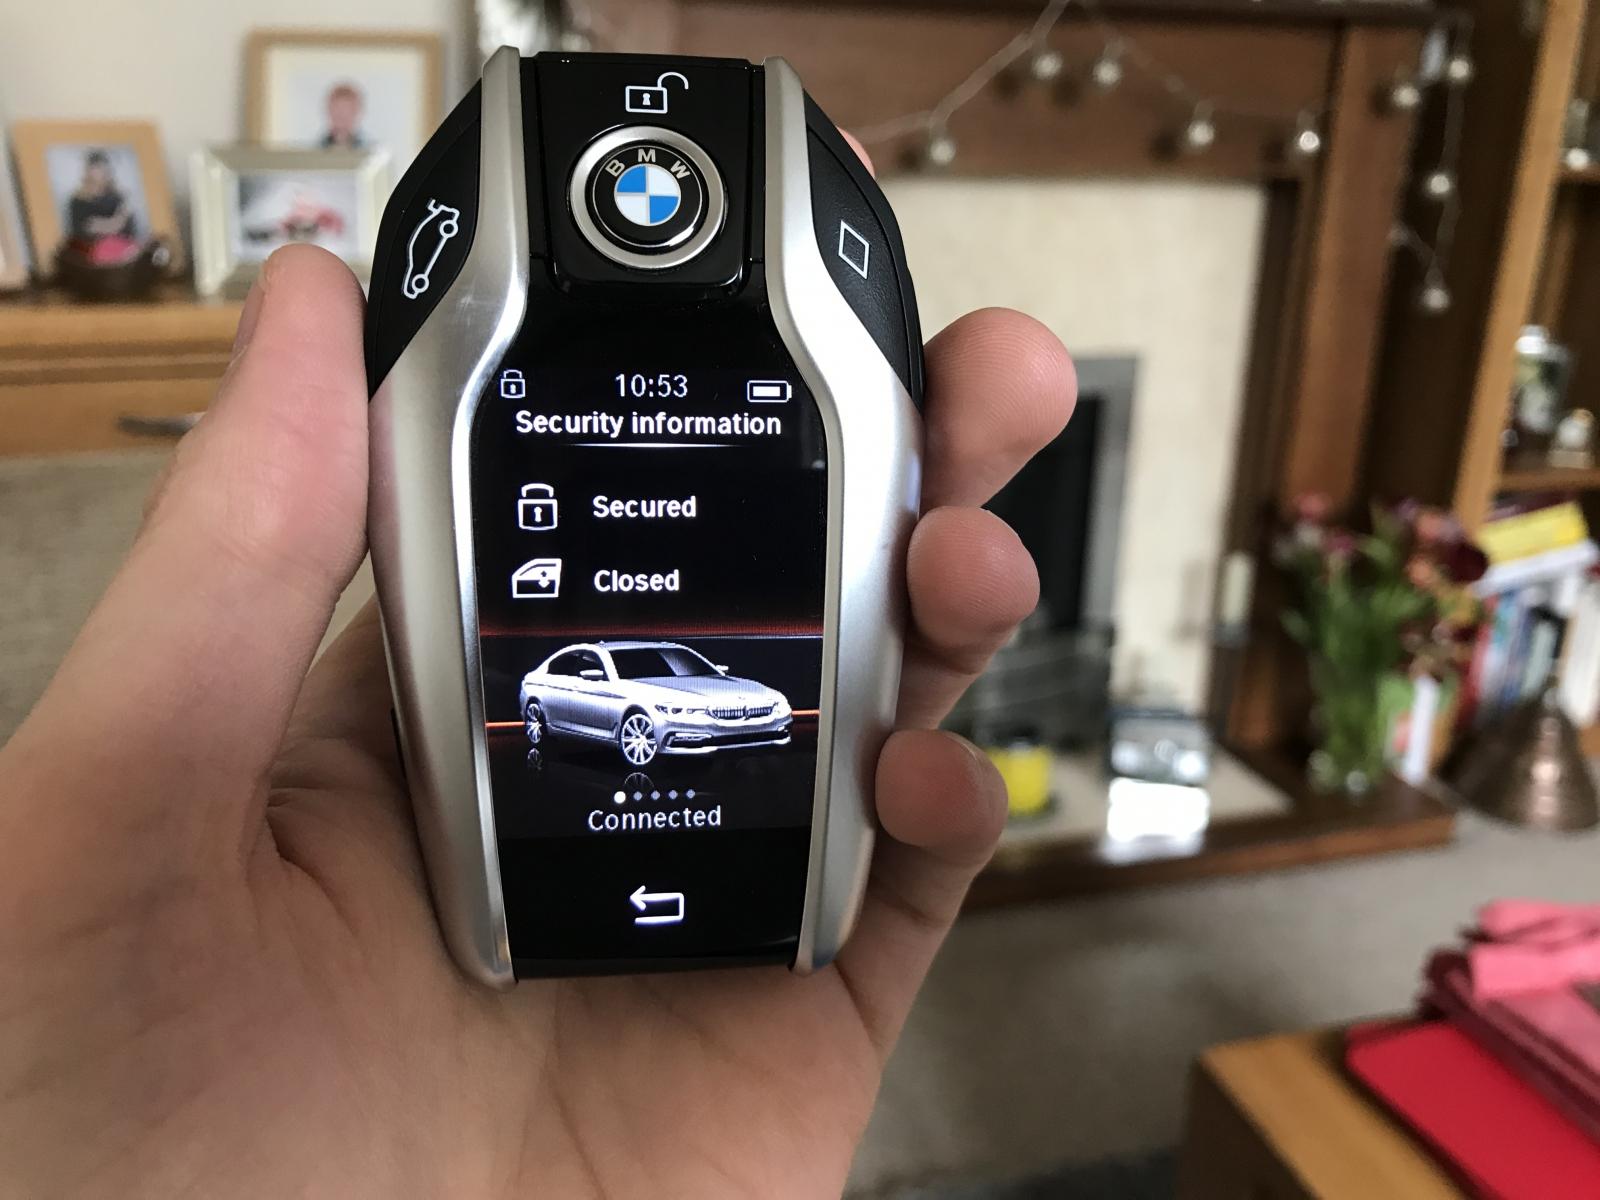 BMW 5-Series key fob